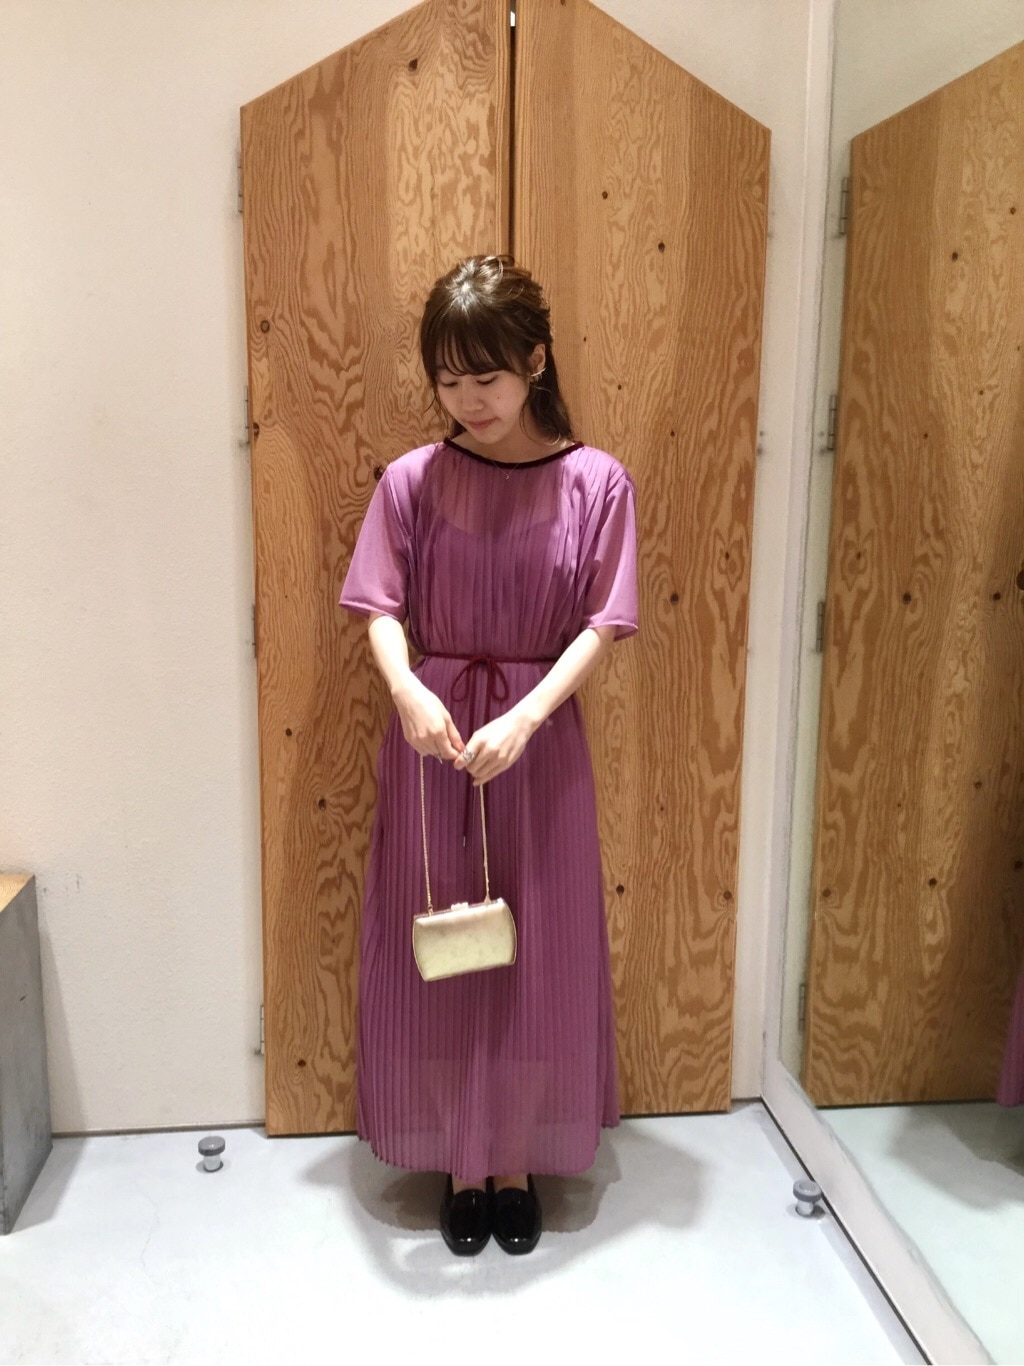 l'atelier du savon グランフロント大阪 身長:152cm 2019.08.26